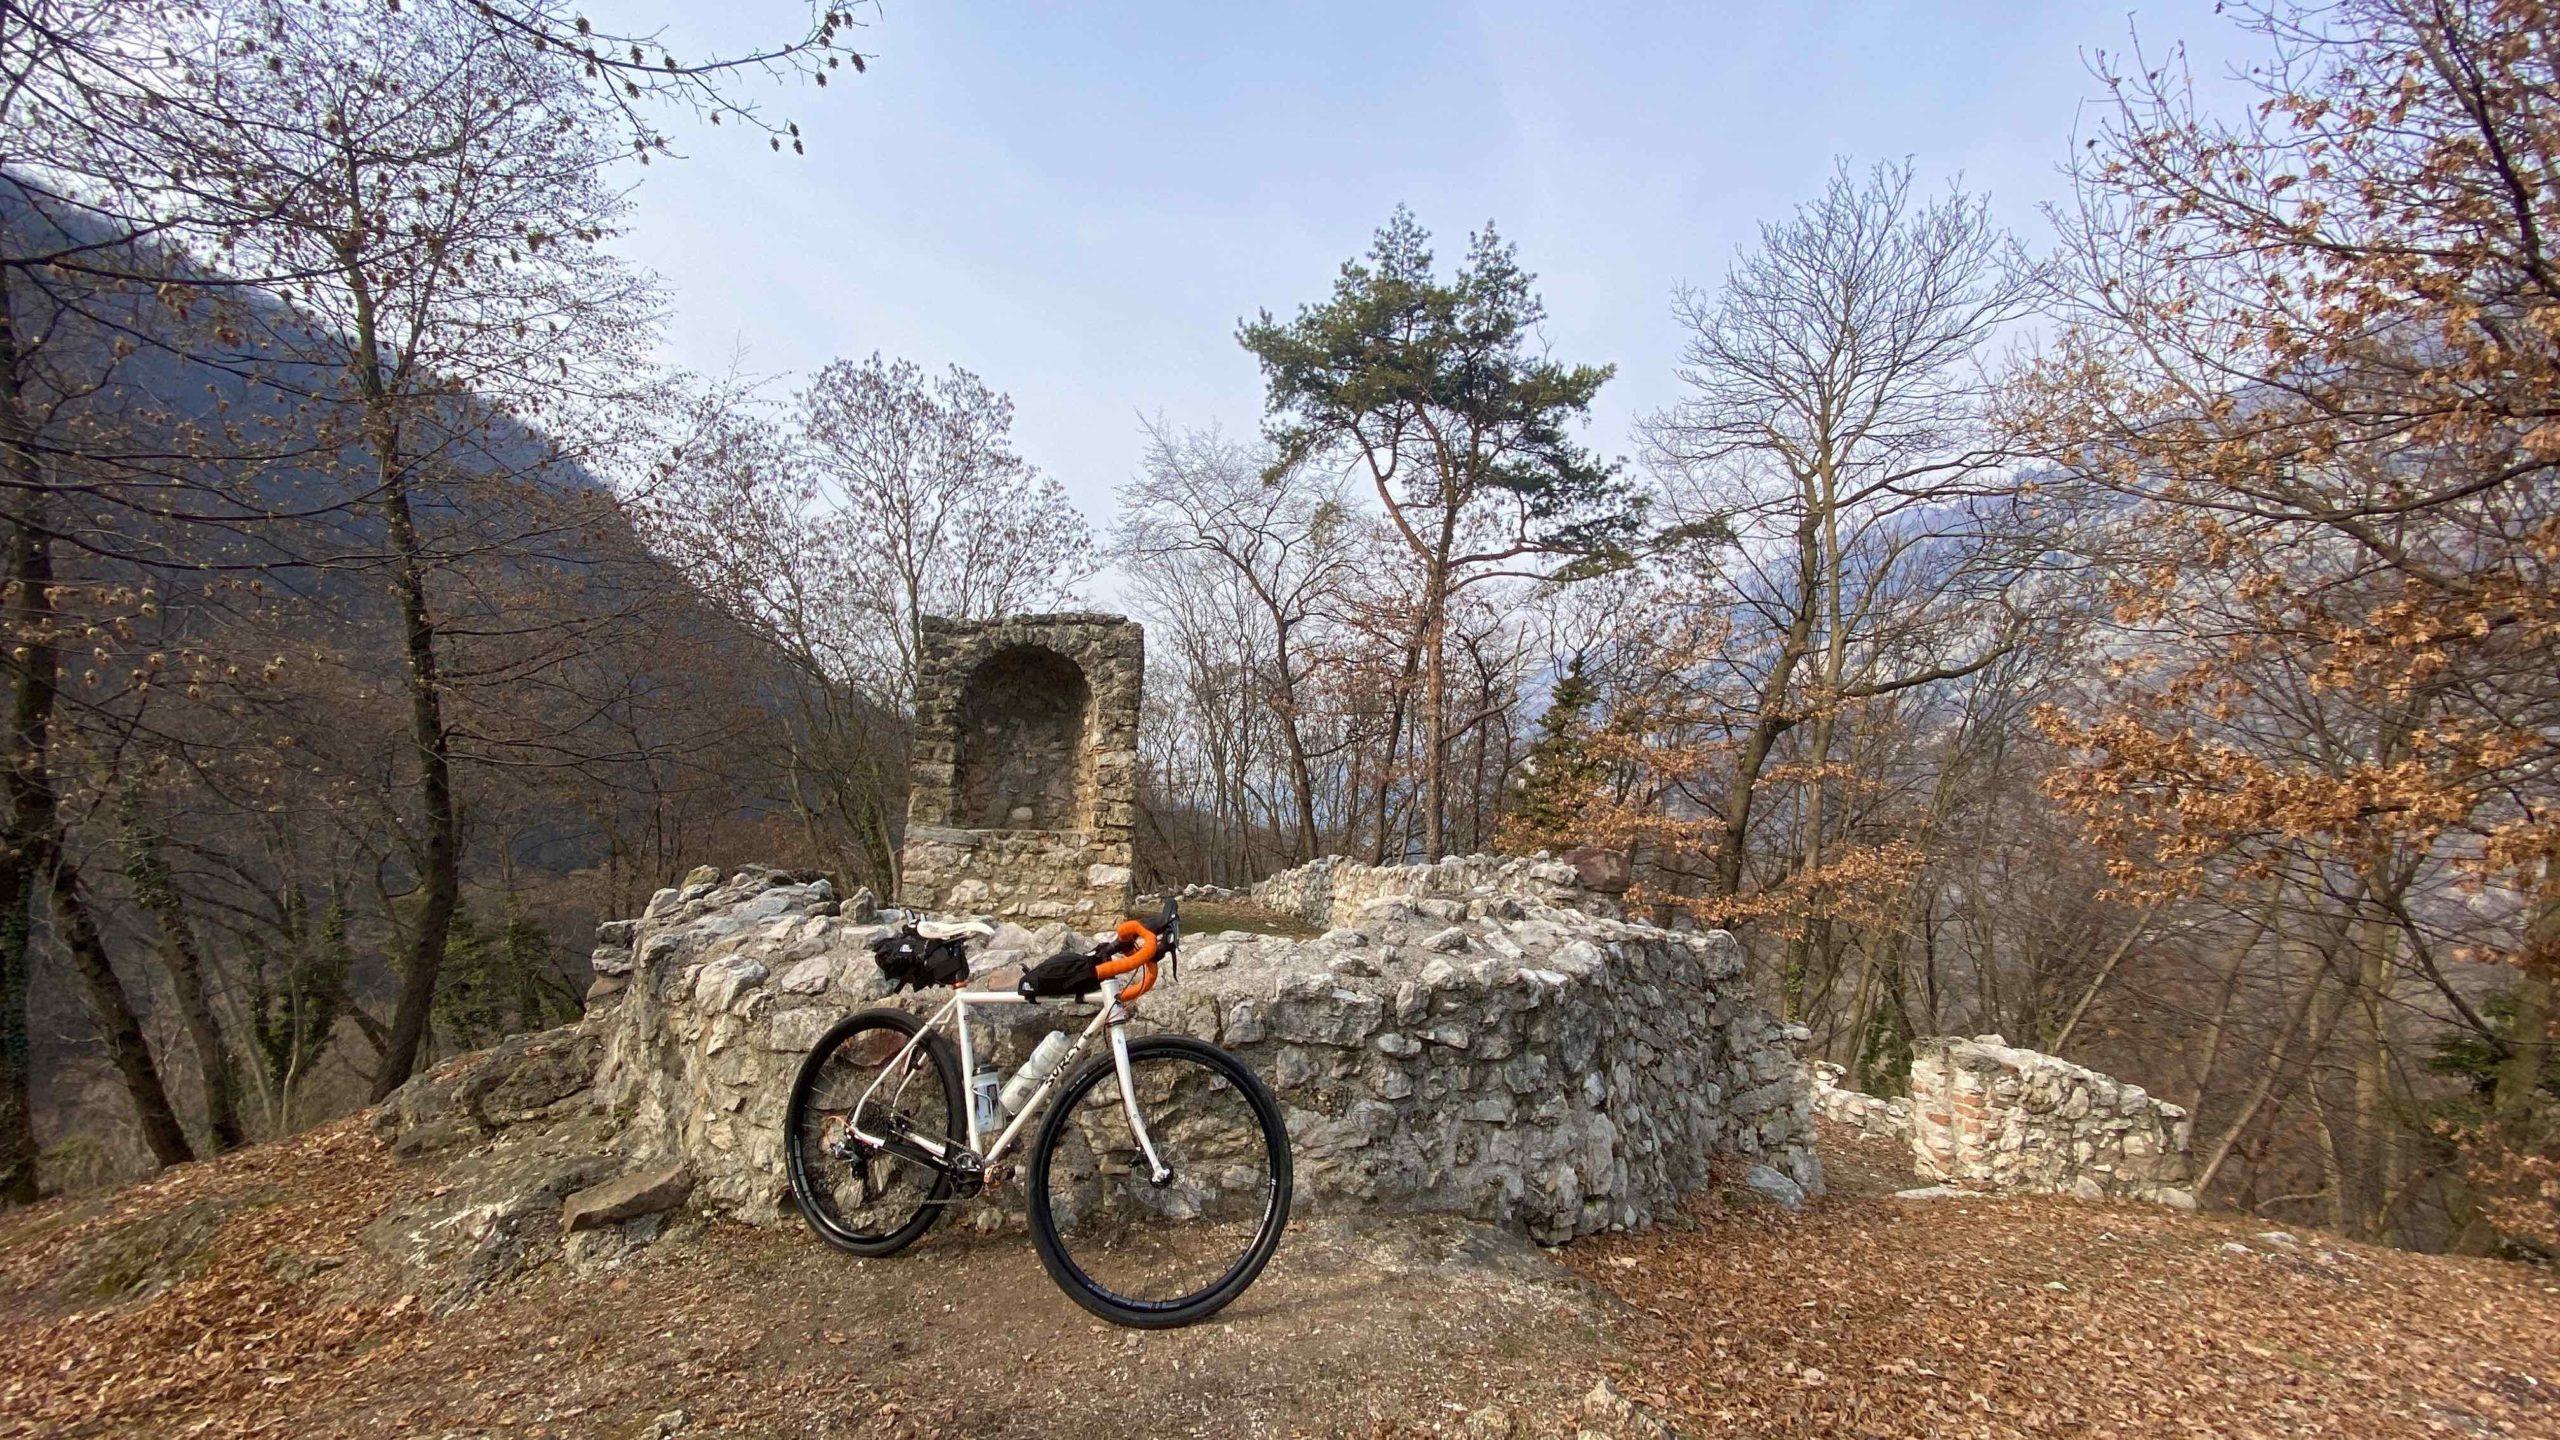 pista ciclabile Adige garda, ciclabili in trentino, viaggiare in bici, viaggiatore lento, viaggi in bici, ciclovia, lago di garda, ciclabili sul Garda, ciclabile del garda, lago di Loppio, cicloturismo, ciclovia,